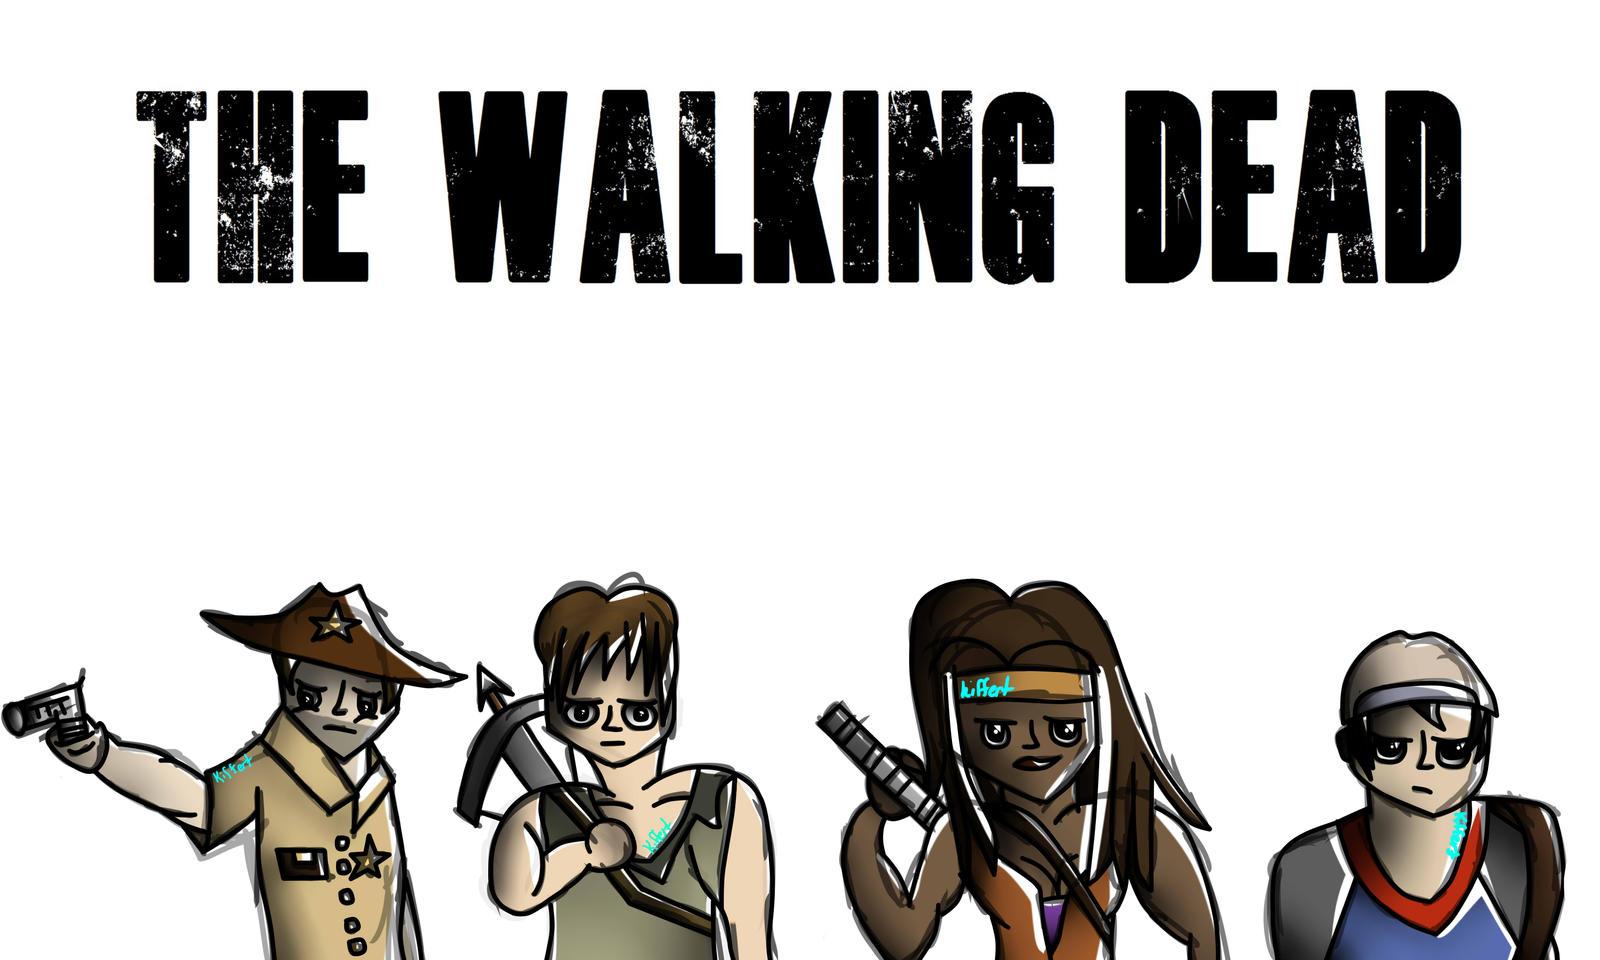 The Walking Dead Cartoon Style By Kiffert On Deviantart